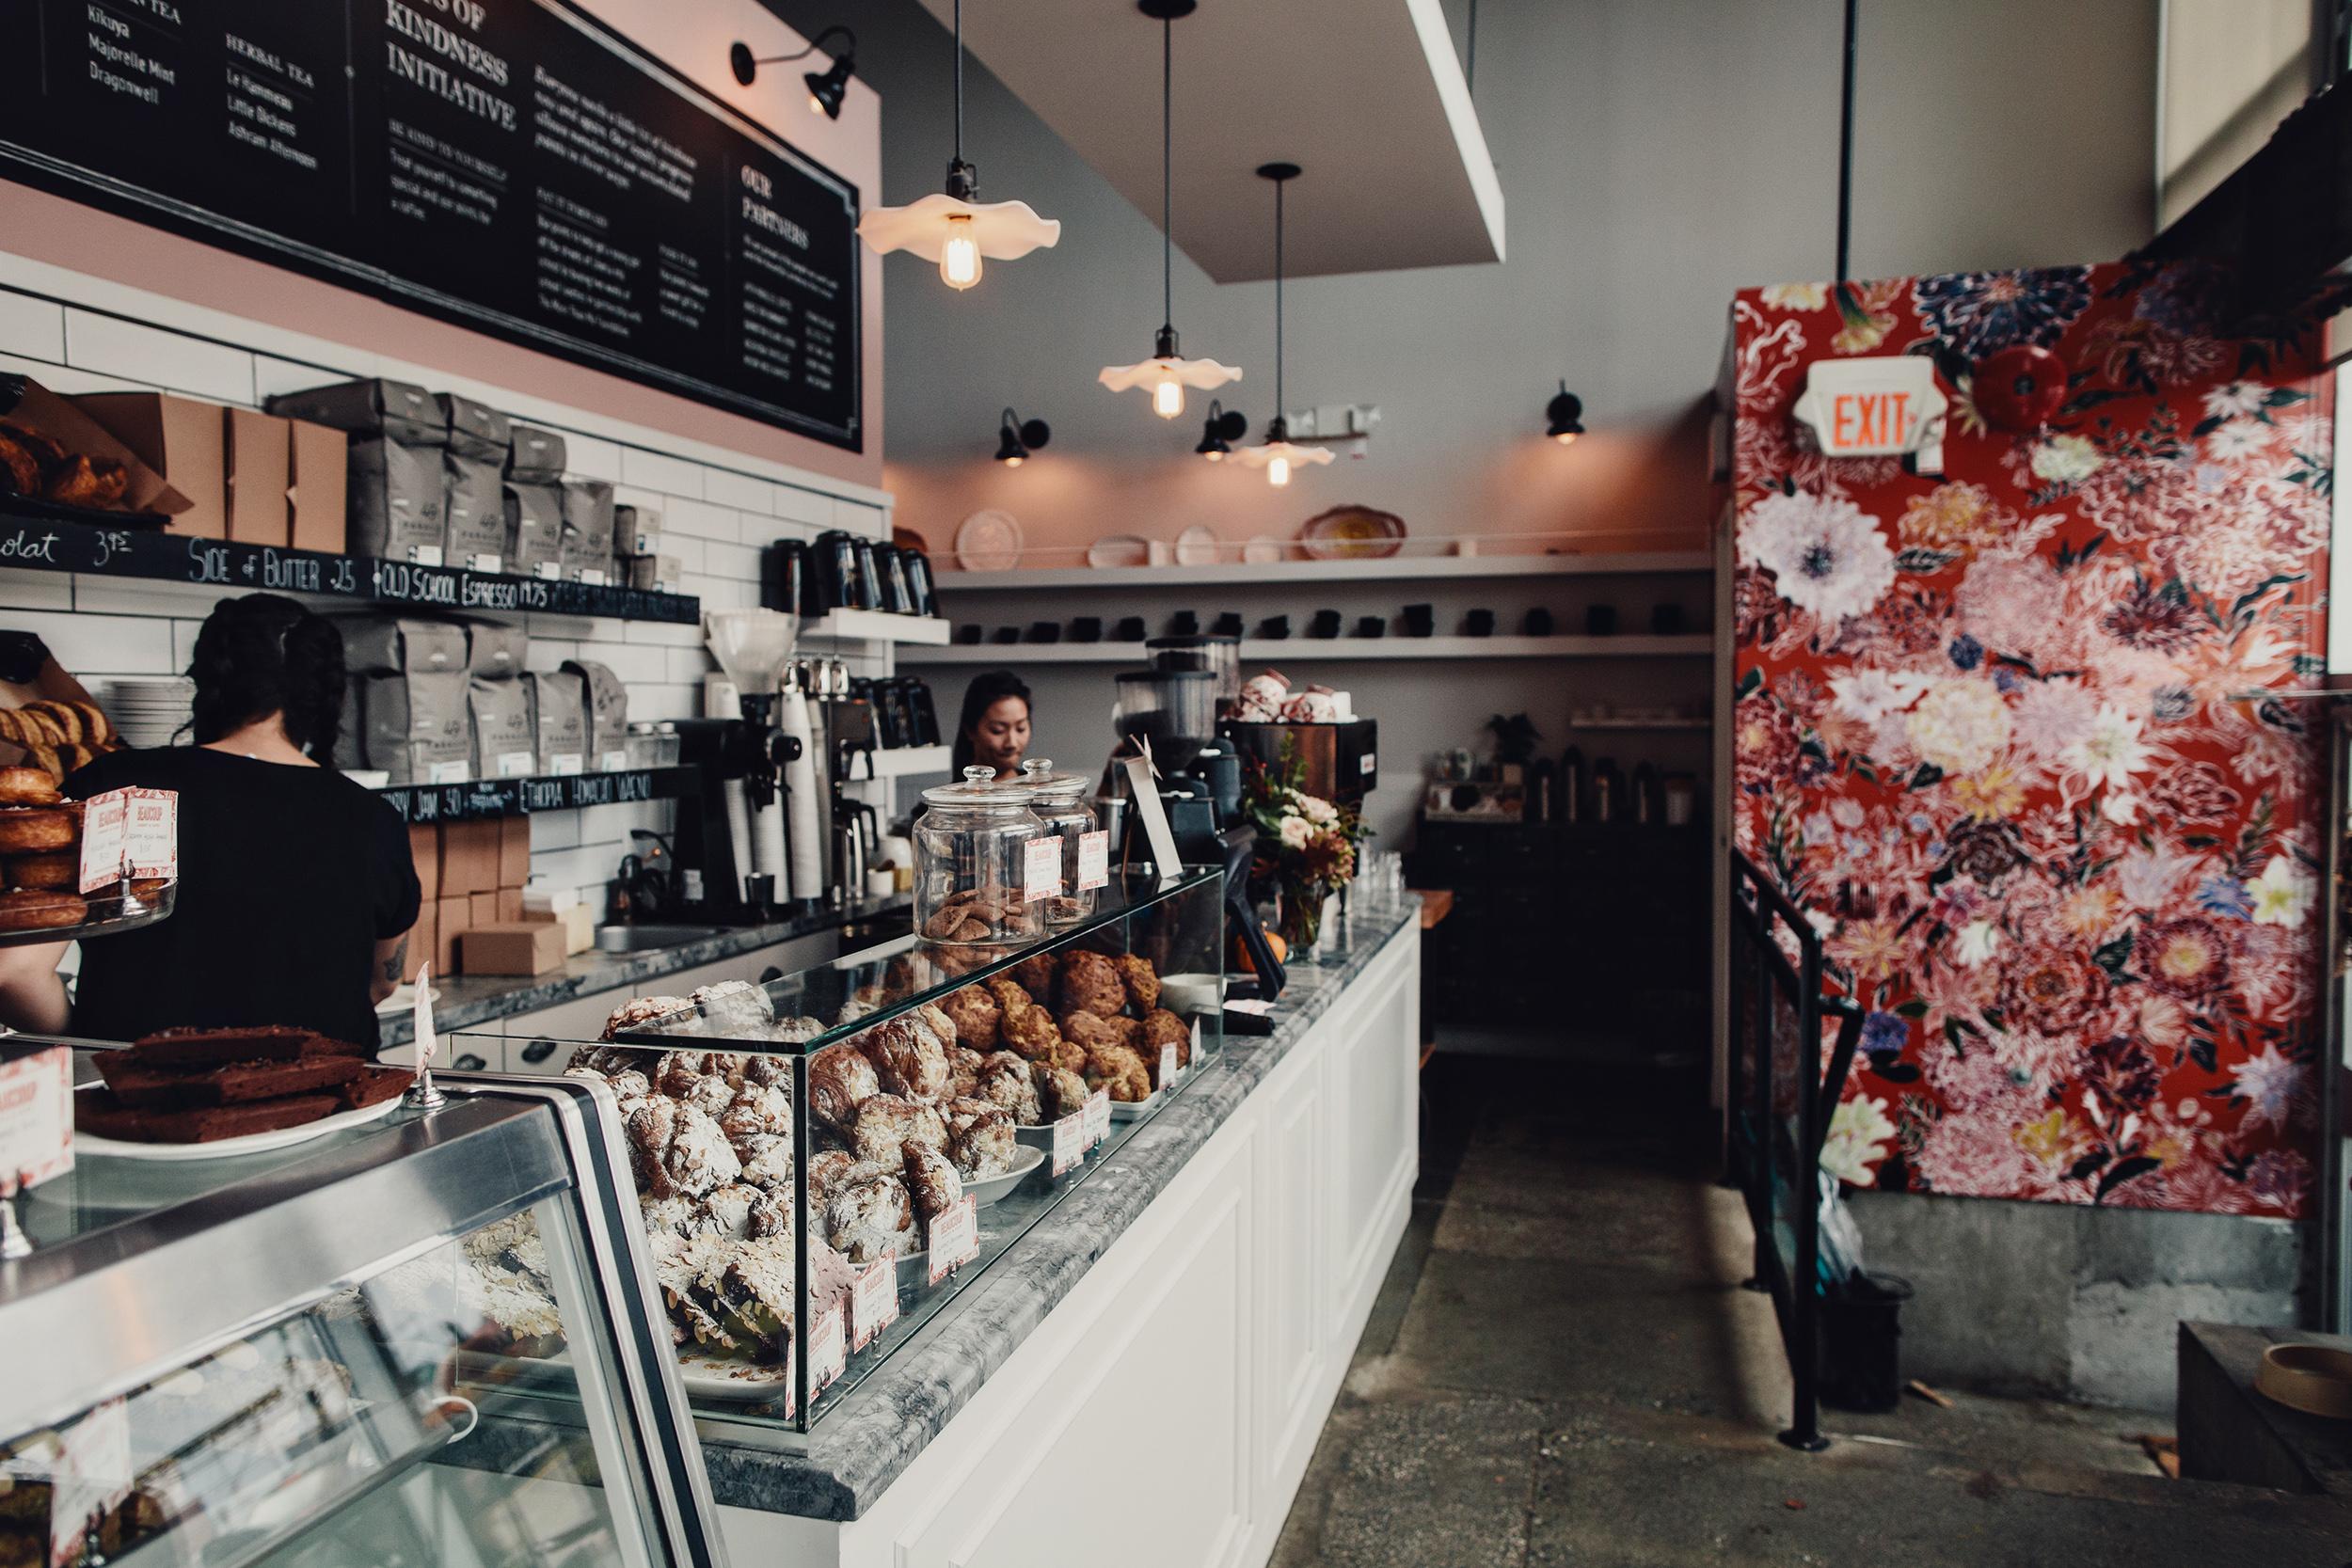 Beaucoup-Bakery-DRT-6.jpg